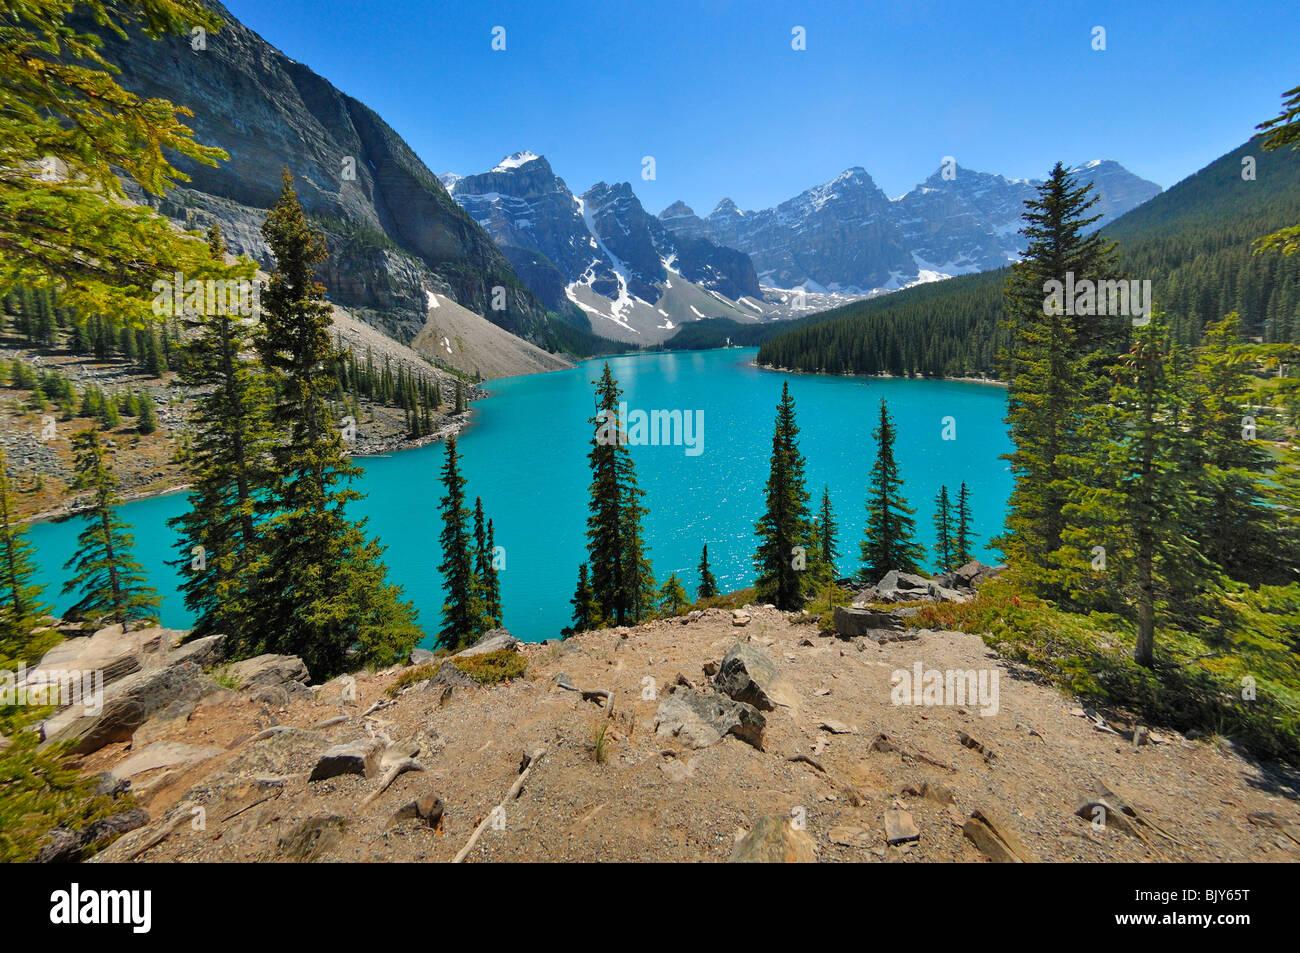 Le lac Moraine dans la province d'Alberta, Canada, est un des plus beaux lacs du pays. Photo Stock